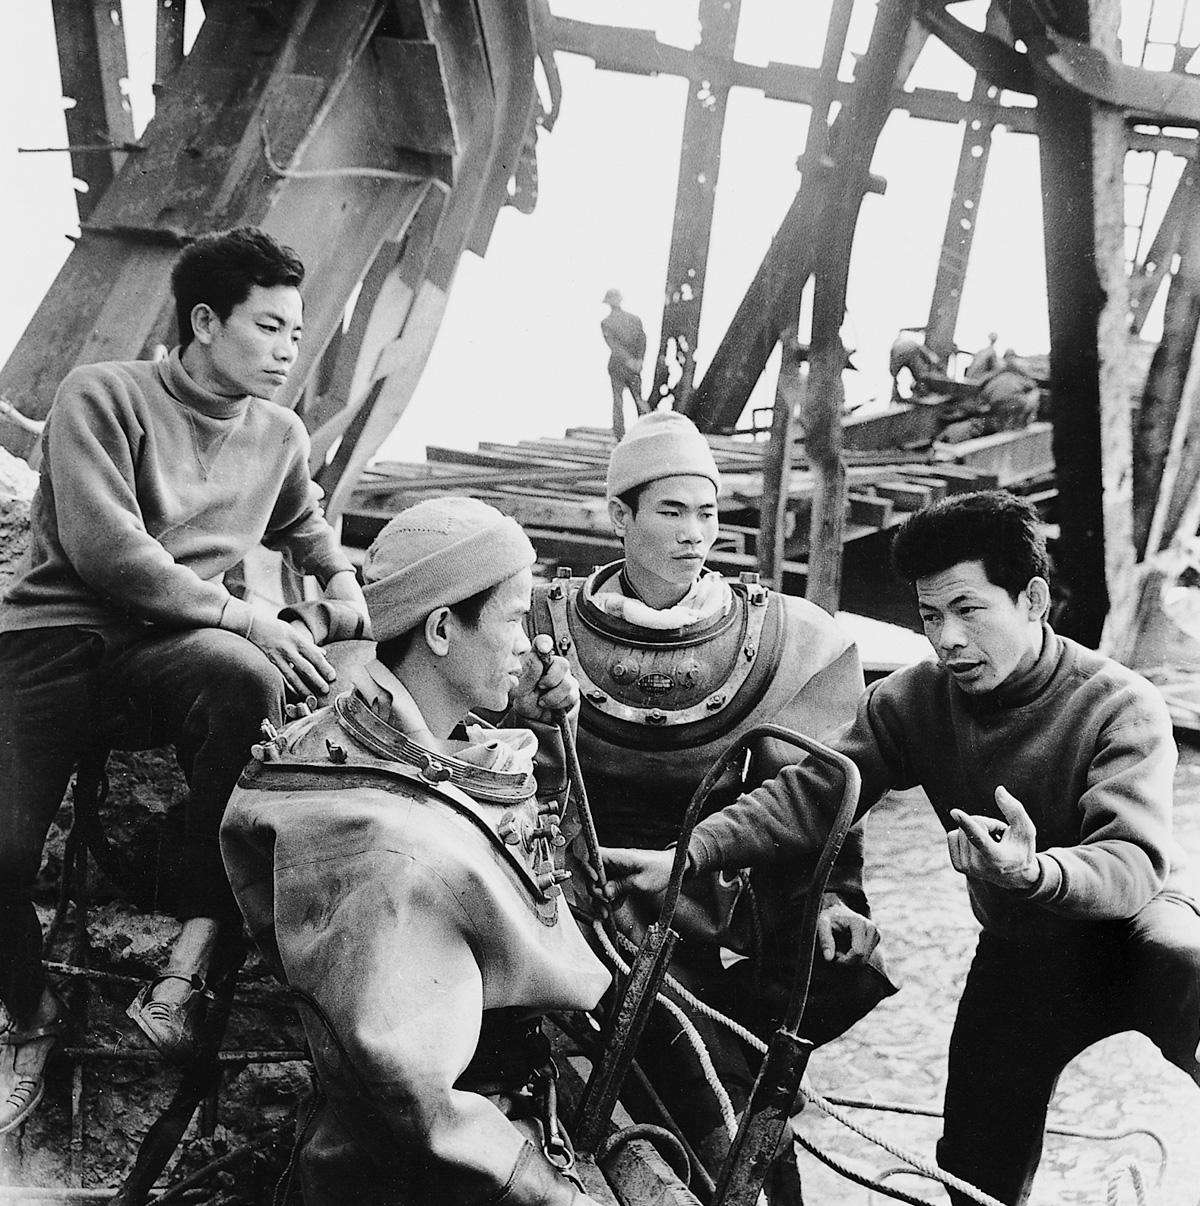 1973, bombalanan Ham Rong köprüsünün tamir eden işçiler.